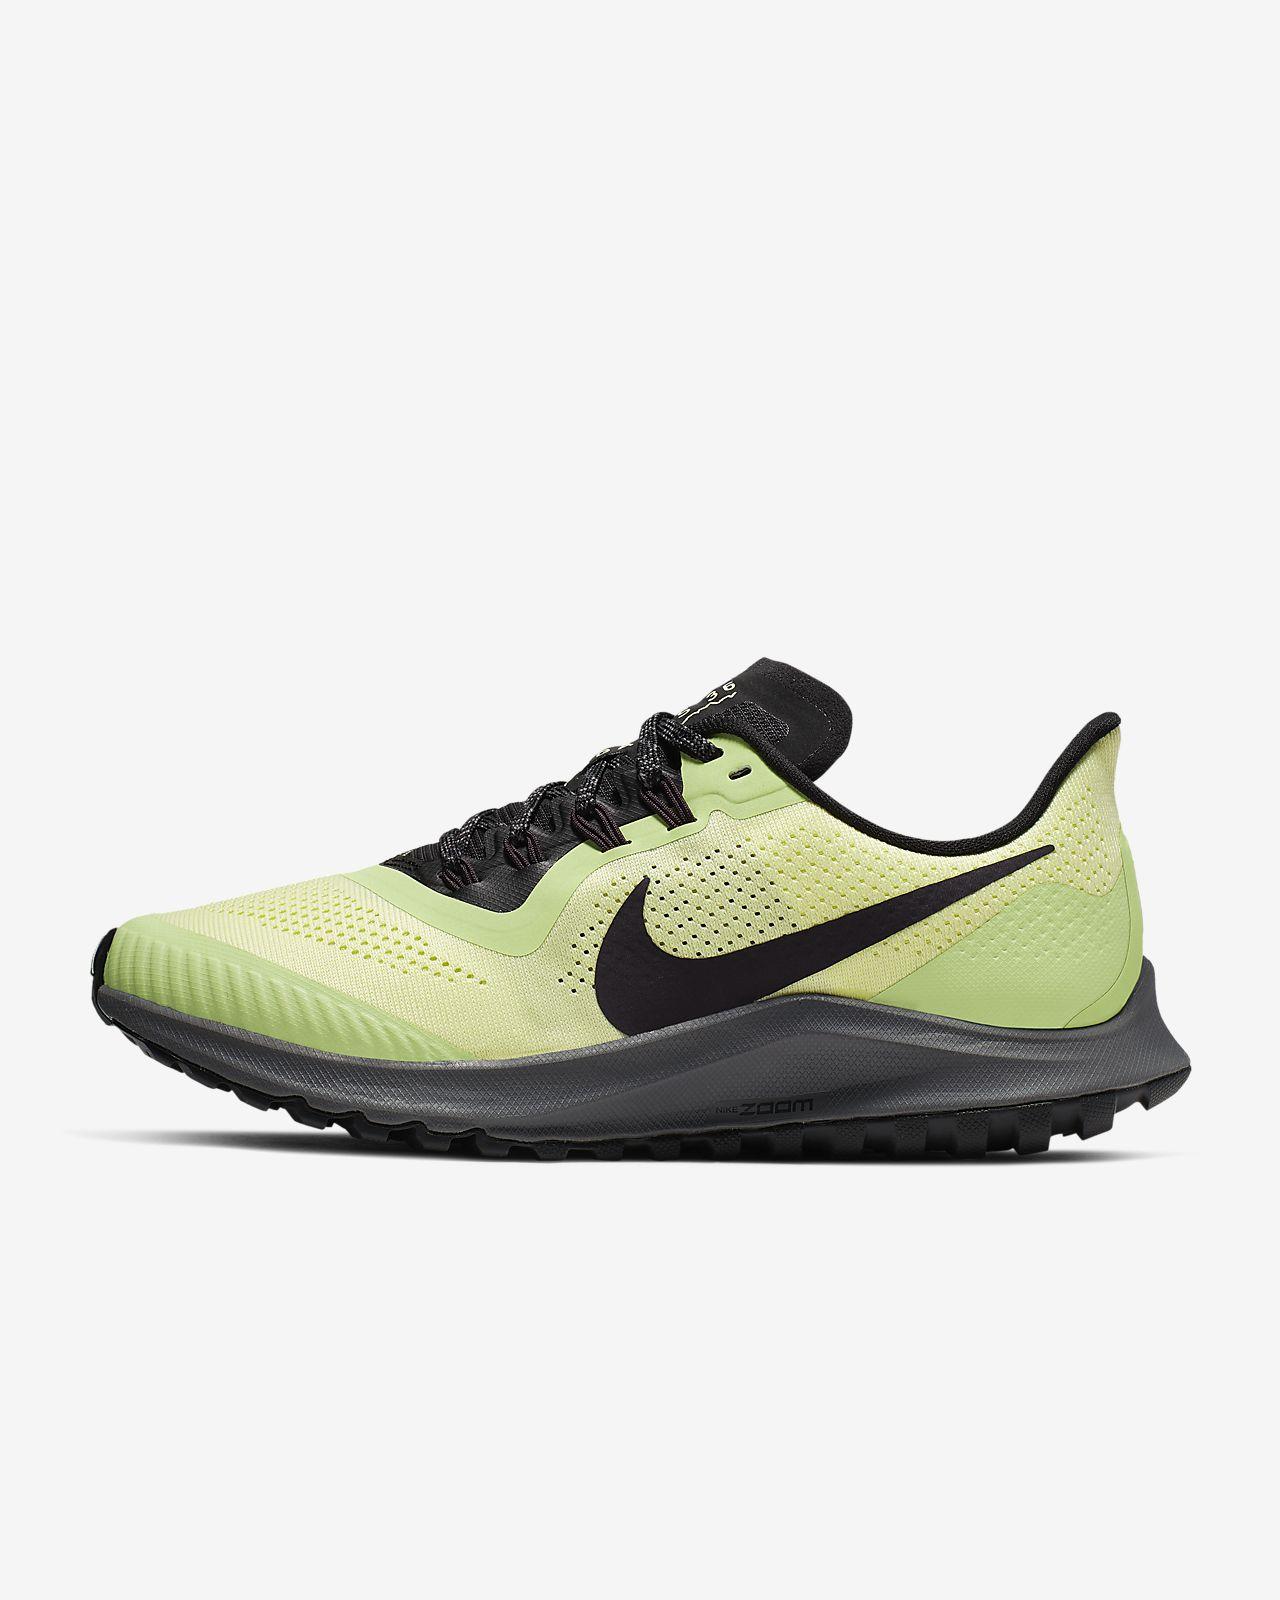 Nike Zoom Trail Pegasus De Calzado Para Running Mujer 36 Air